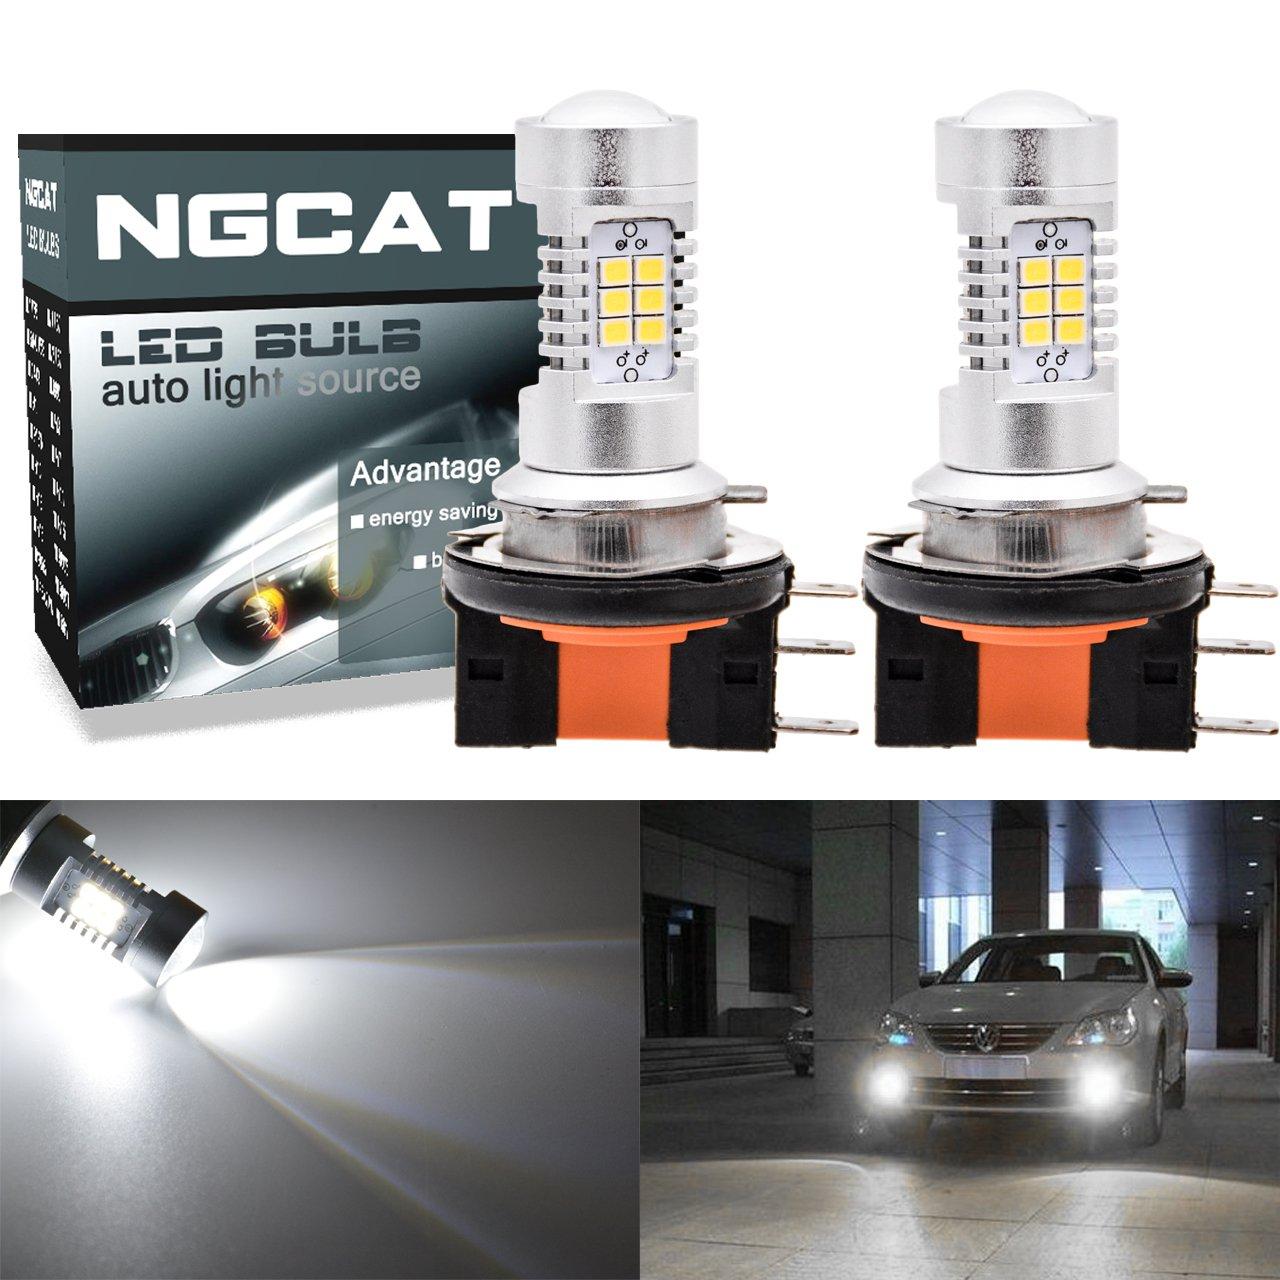 NGCAT-H15 LED Bombilla para chips de luz de niebla 2835 21 SMD con lente proyector xenón blanco, 10-16V 10,5W, (paquete de 2): Amazon.es: Coche y moto